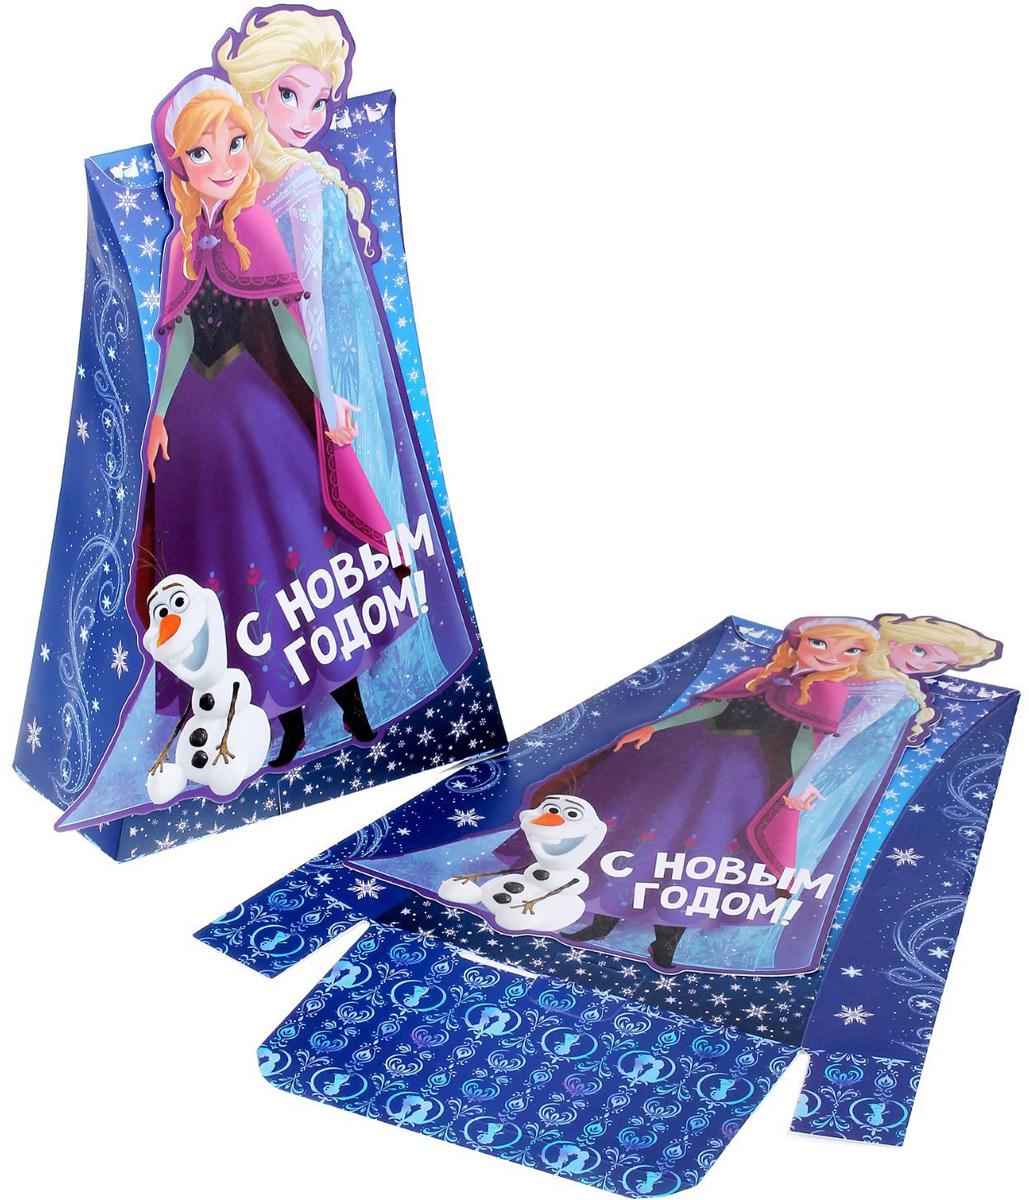 Коробка складная Disney Зимний лабиринт. Холодное сердце, 15,5 х 24 х 8 см1398654Любой подарок начинается с упаковки. Что может быть трогательнее и волшебнее, чем ритуал разворачивания полученного презента. И именно оригинальная, со вкусом выбранная упаковка выделит ваш подарок из массы других. Она продемонстрирует самые теплые чувства к виновнику торжества и создаст сказочную атмосферу праздника.